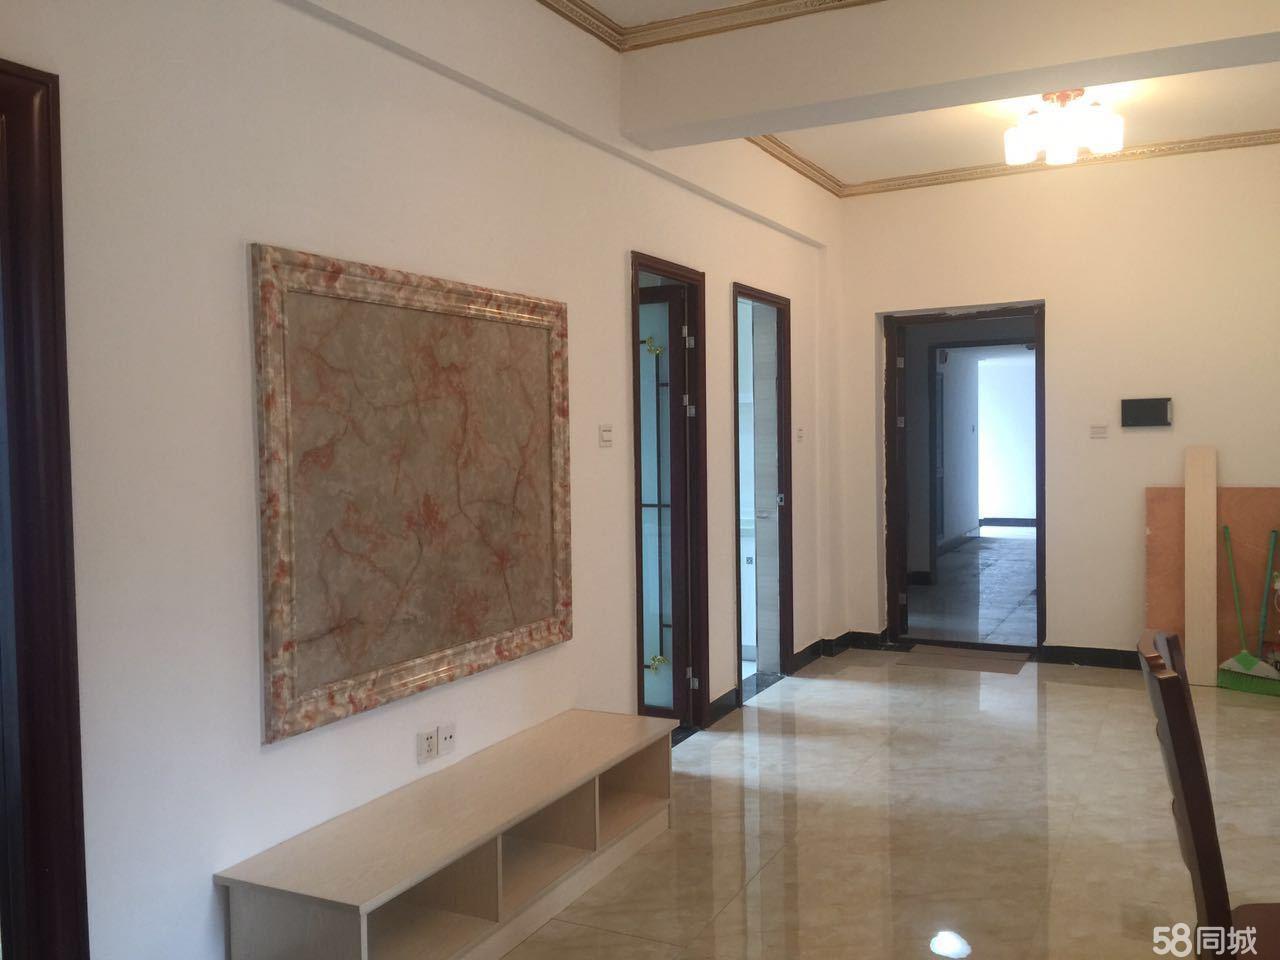 江东街道 和欣花园 3居室 精装修 全新首次出租 年付